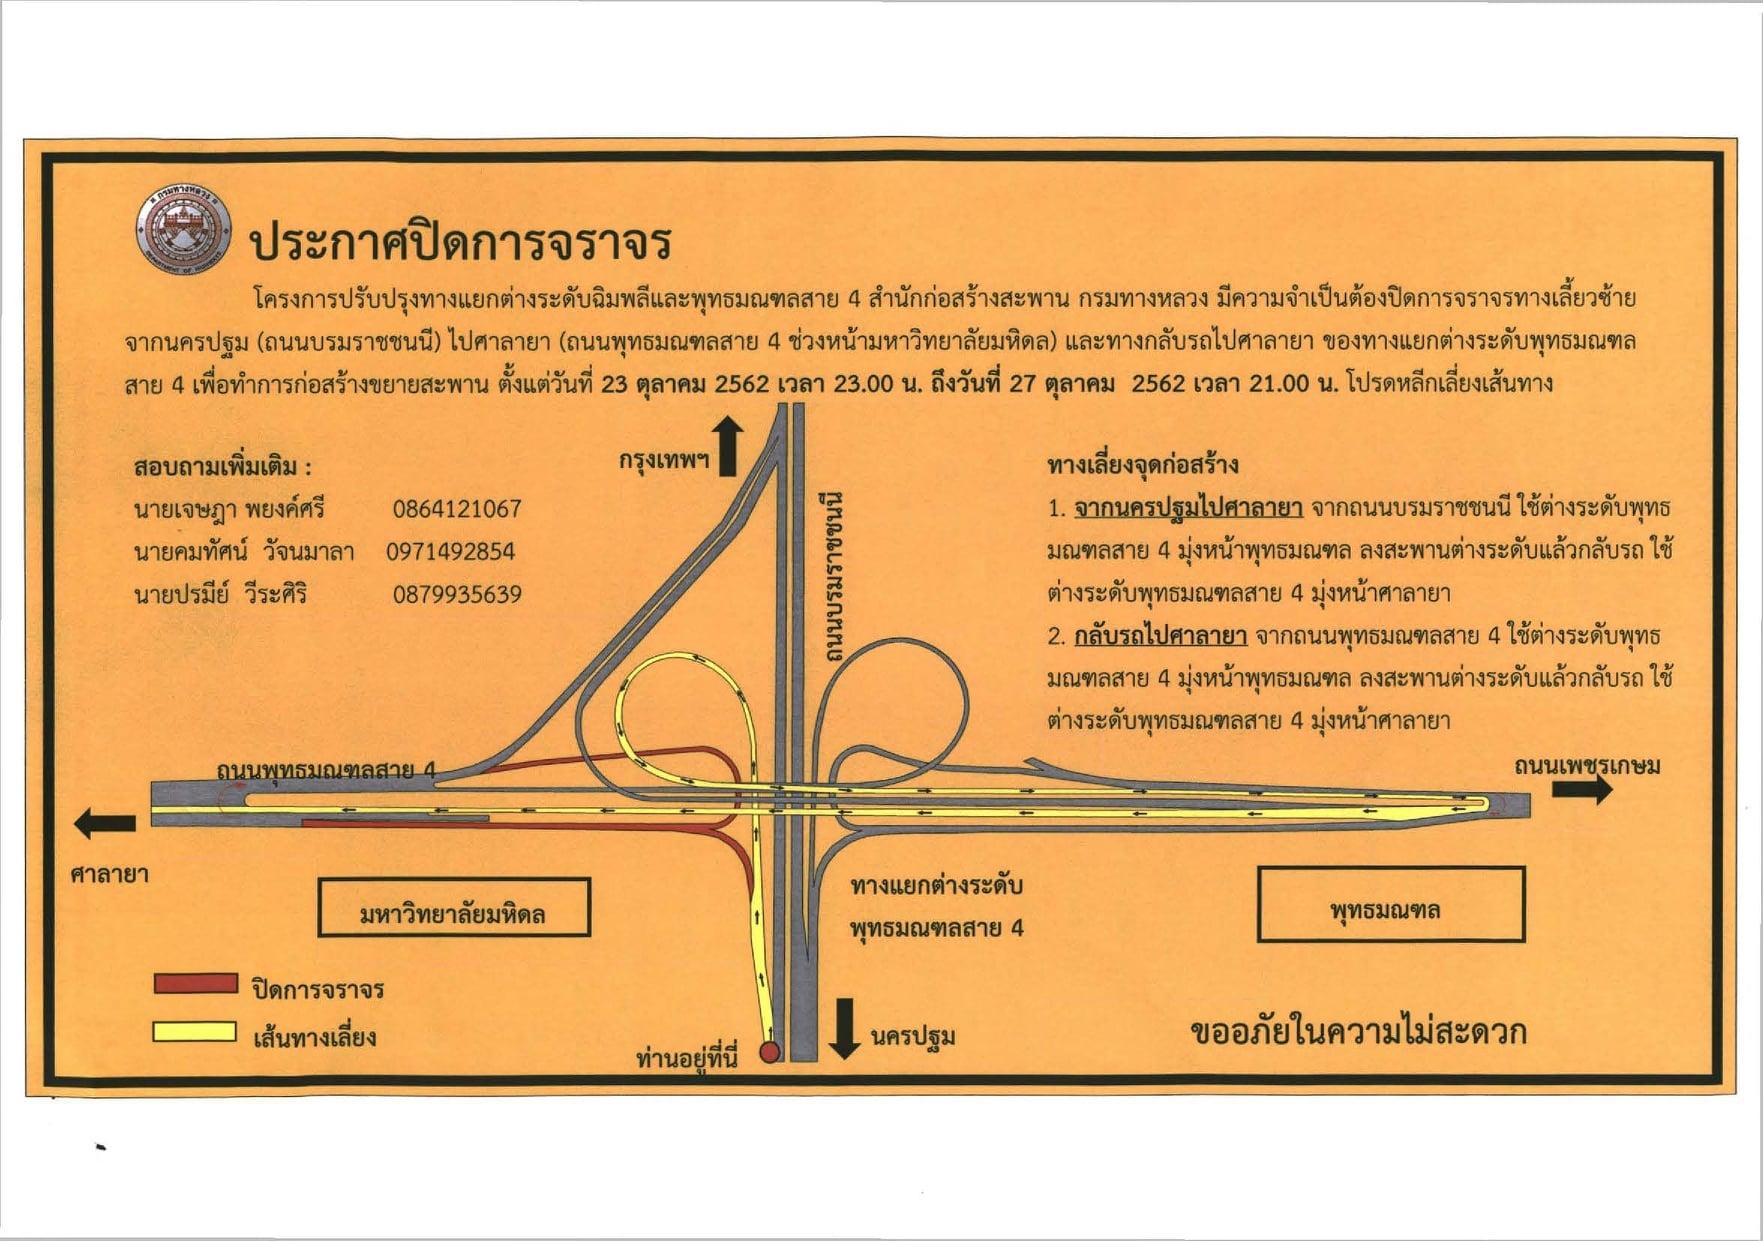 23 - 27 ต.ค.62 กรมทางหลวง ปิดการจราจรทางเลี้ยวซ้าย จาก นครปฐม ไป ศาลายา เพื่อขยายสะพาน